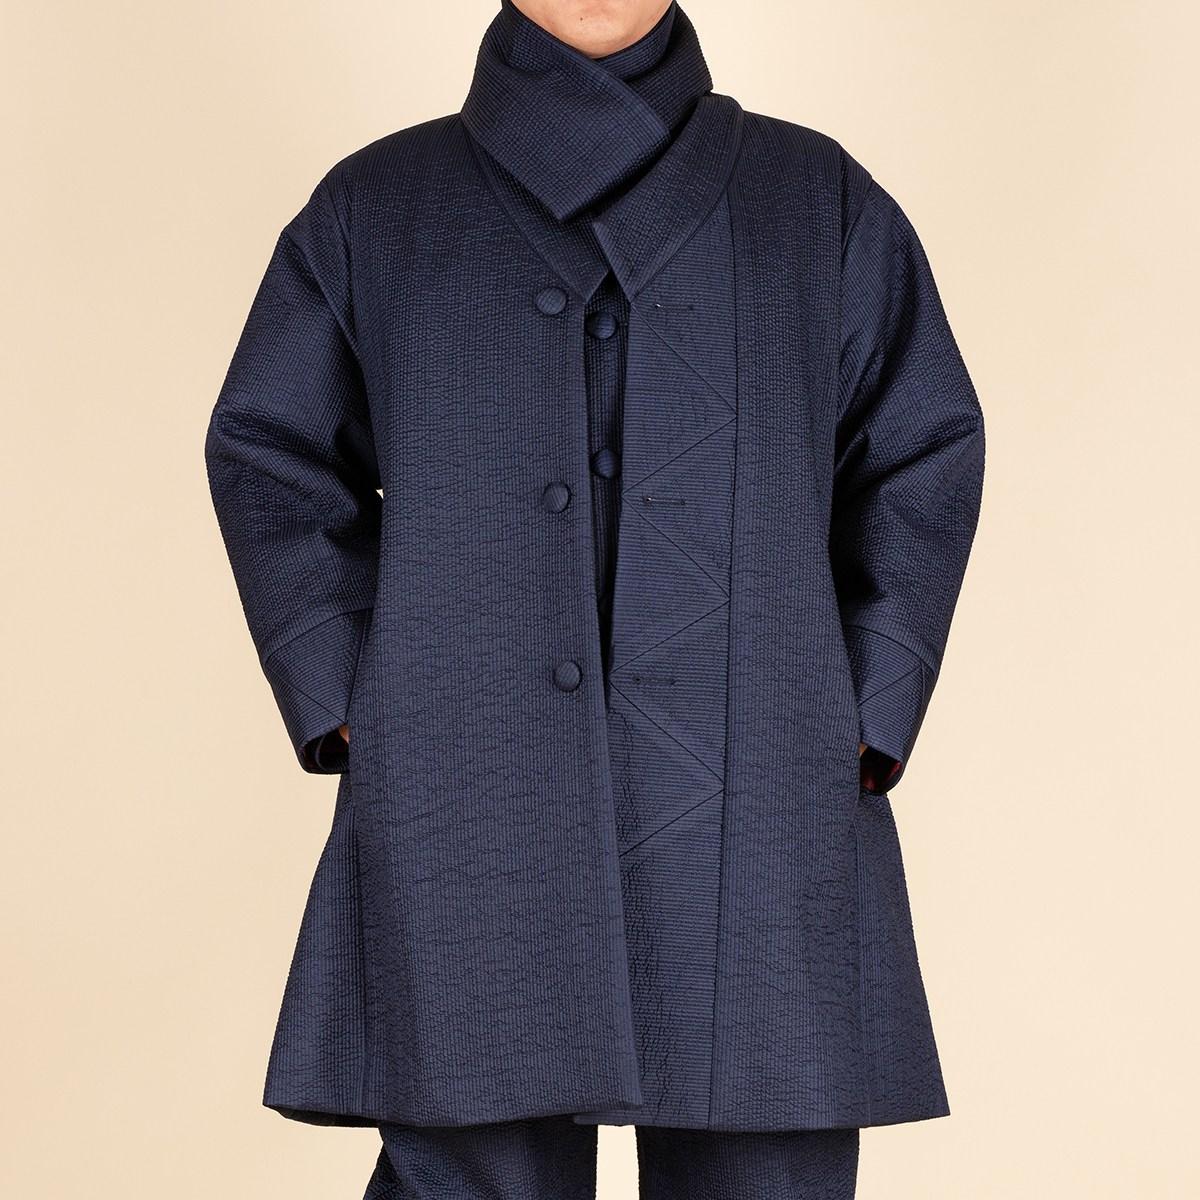 다오네우리옷 남자-해인 실크 잔골누비 두루마기 생활한복(개량한복)